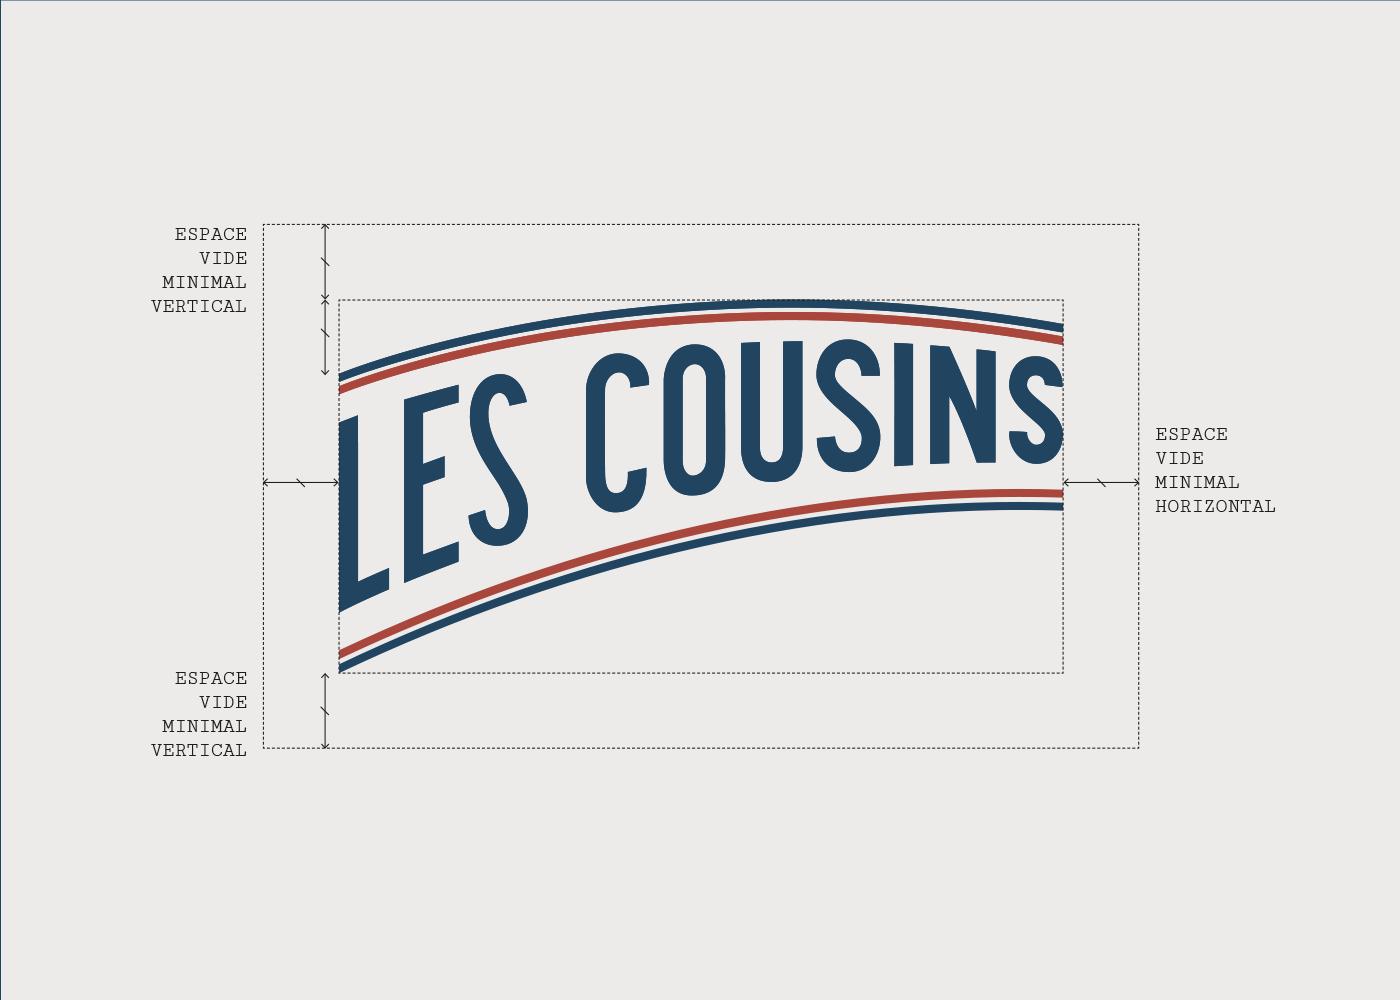 Les Cousins logo construction - Mathieu Dupuis freelance